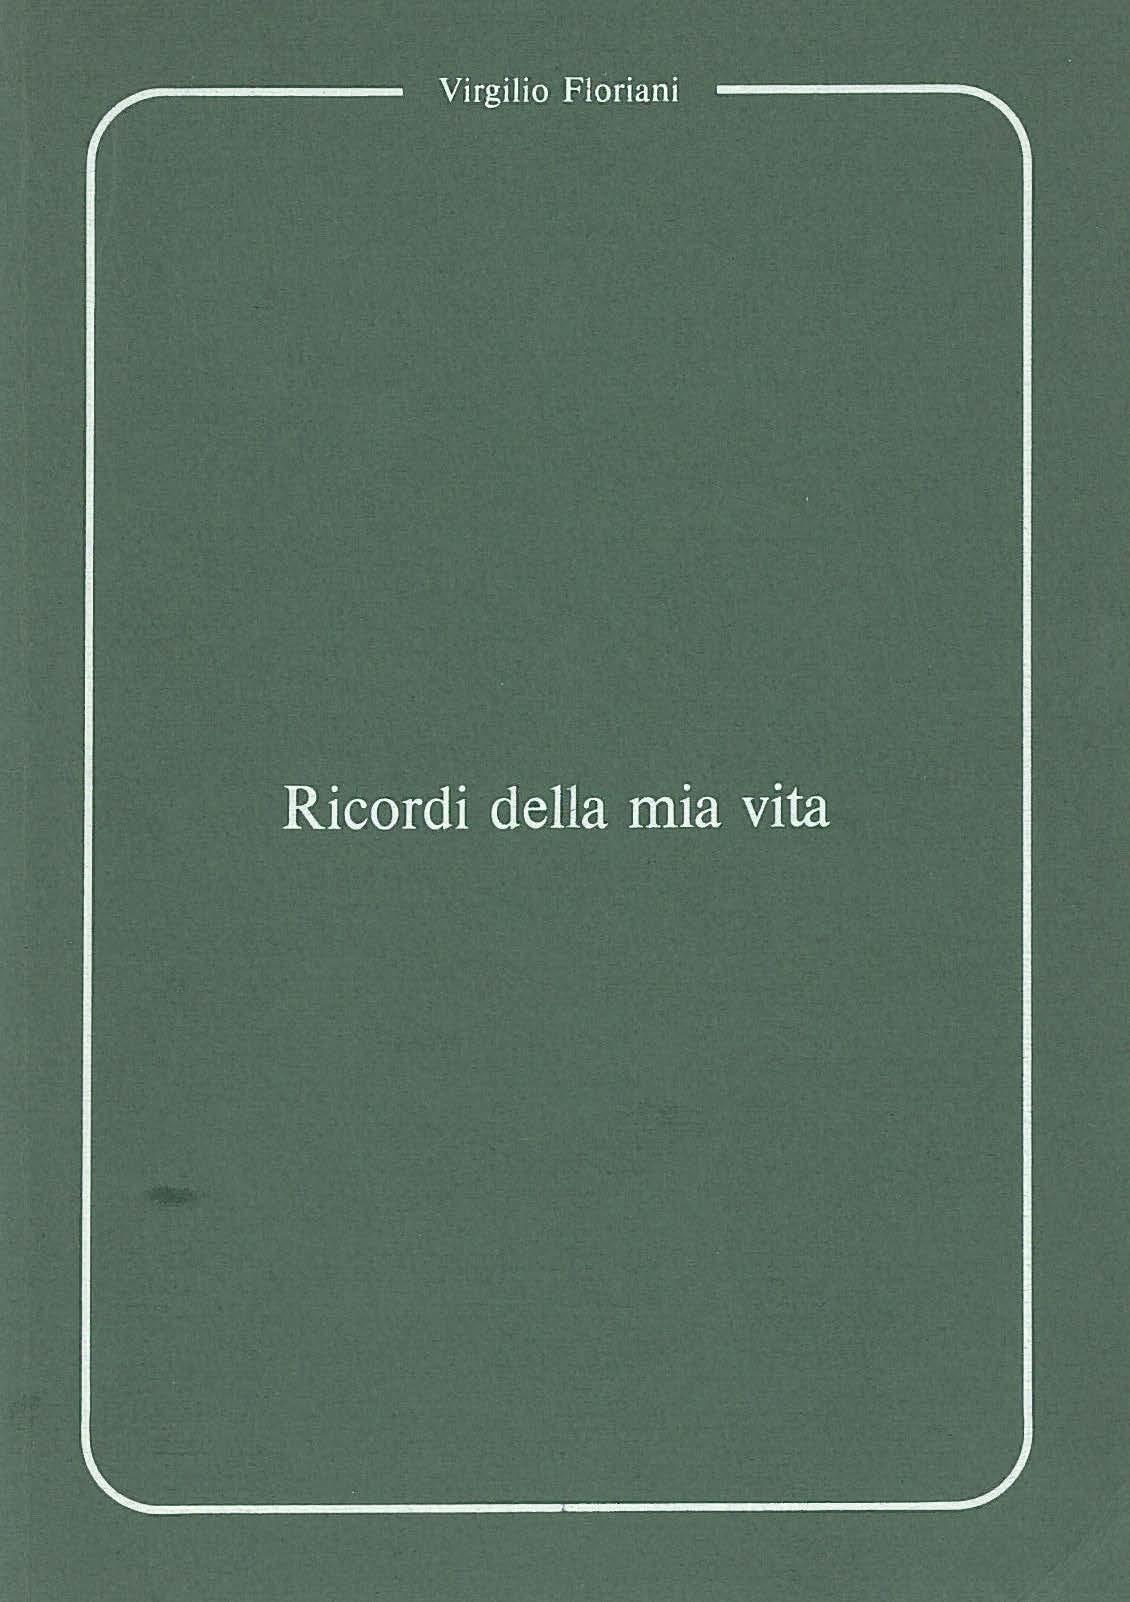 Floriaani Ricordi-della-mia-vita_Page_001